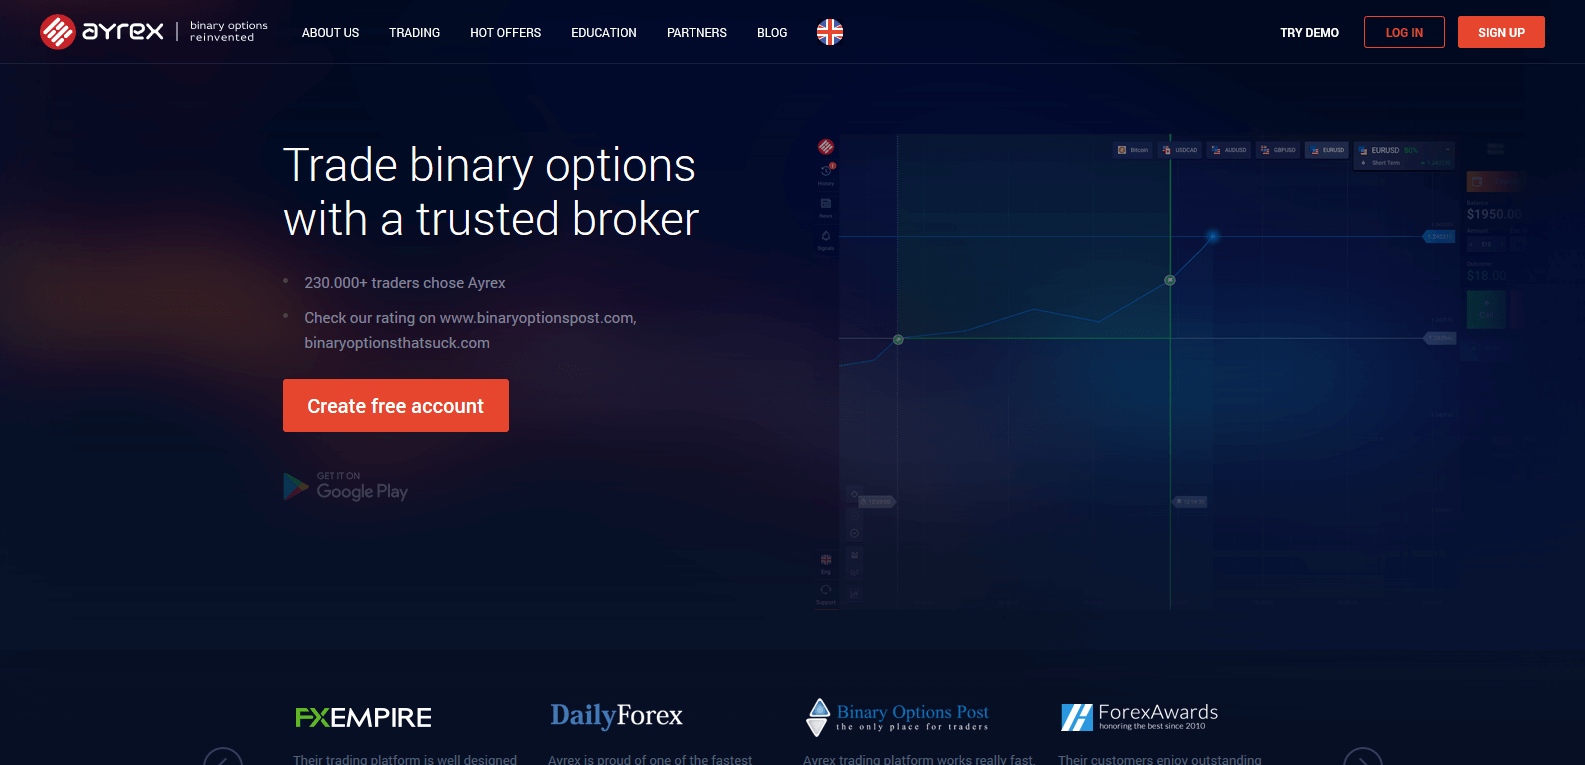 ayrex homepage